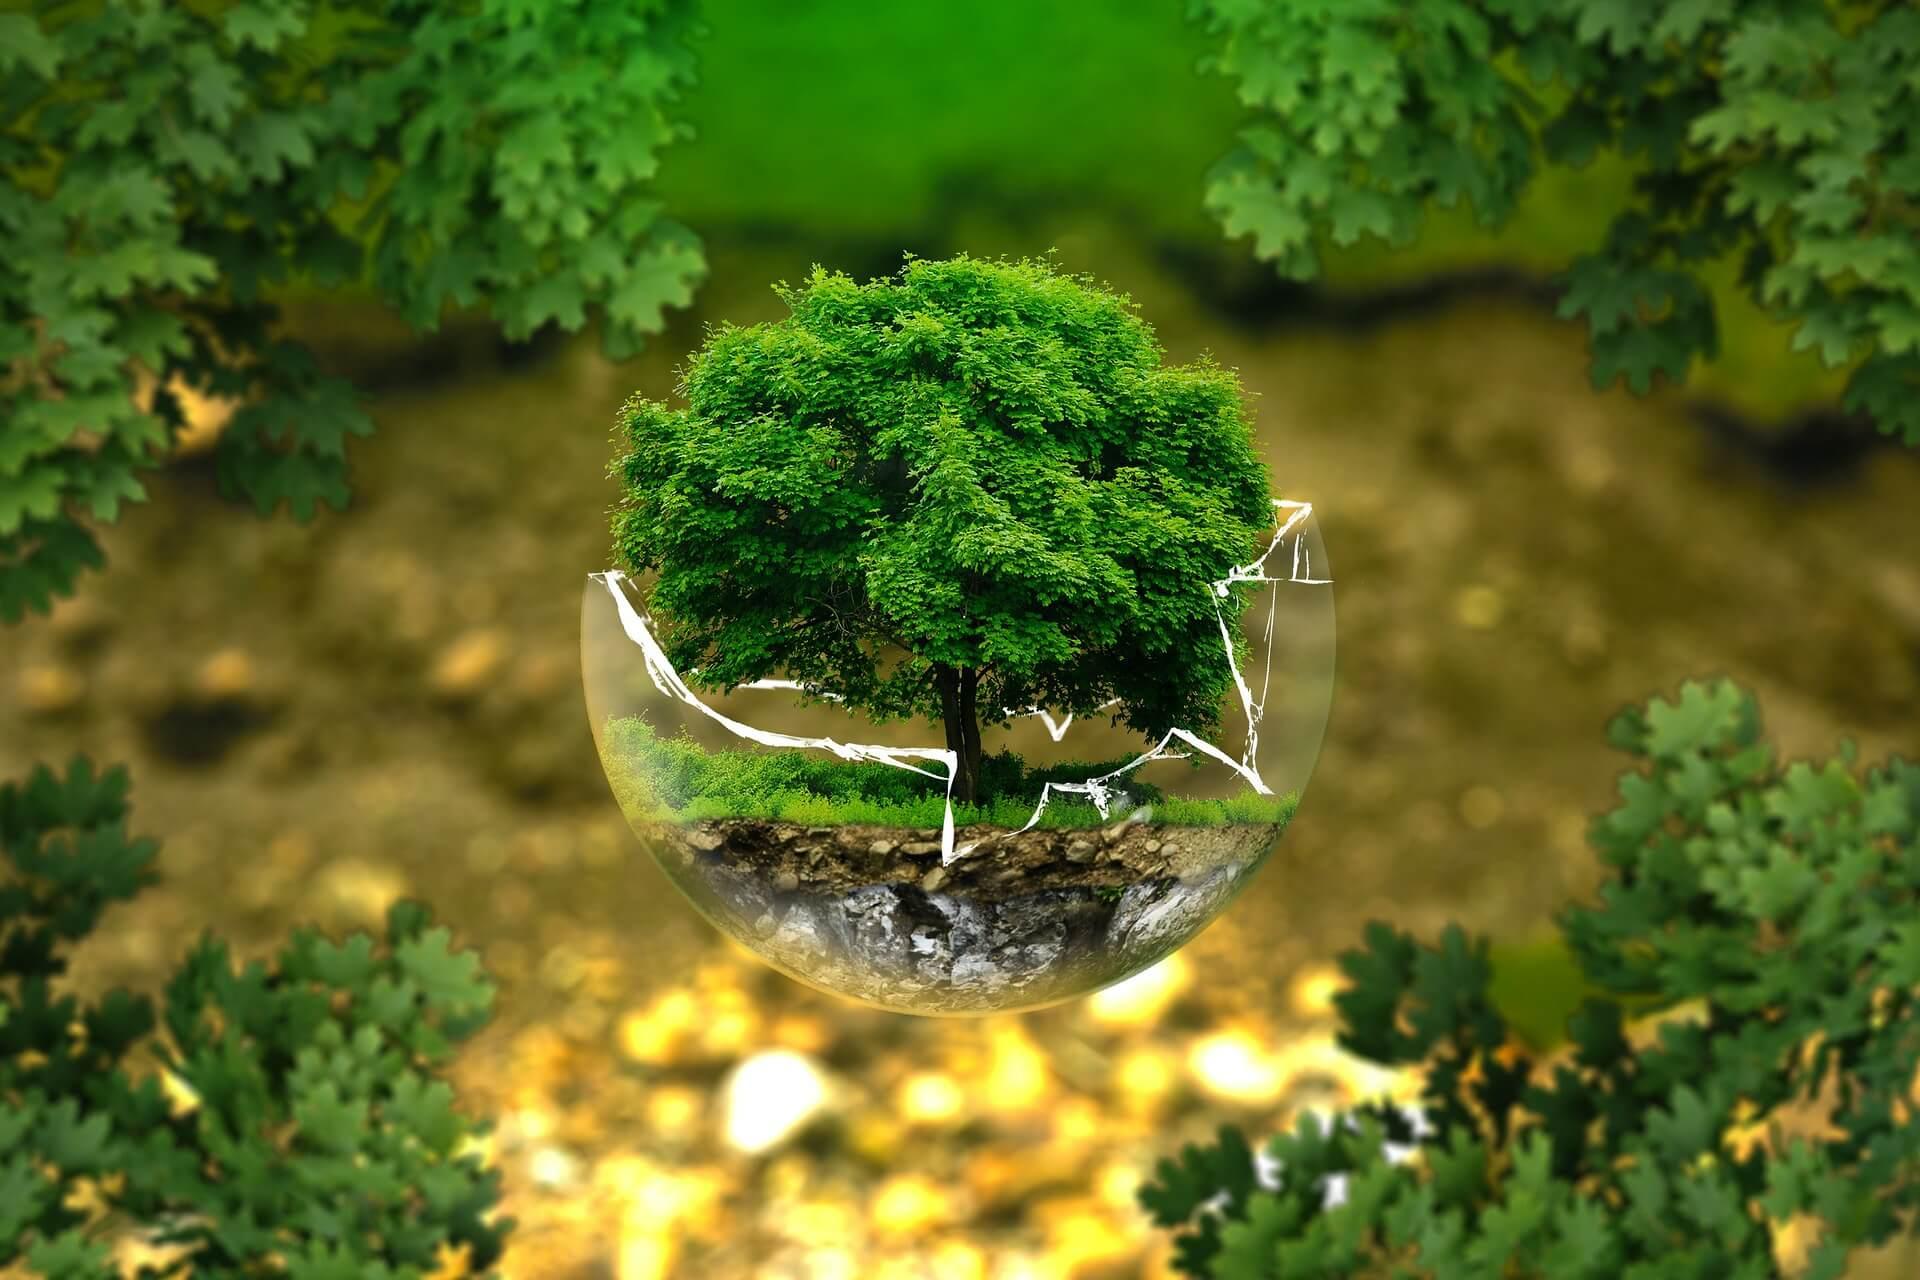 Alerta Legal M&B Regulación y Medioambiente | Gobierno presenta Proyecto de Ley sobre Delitos Ambientales y que promueve un Sistema de Prevención de Daños al Medioambiente